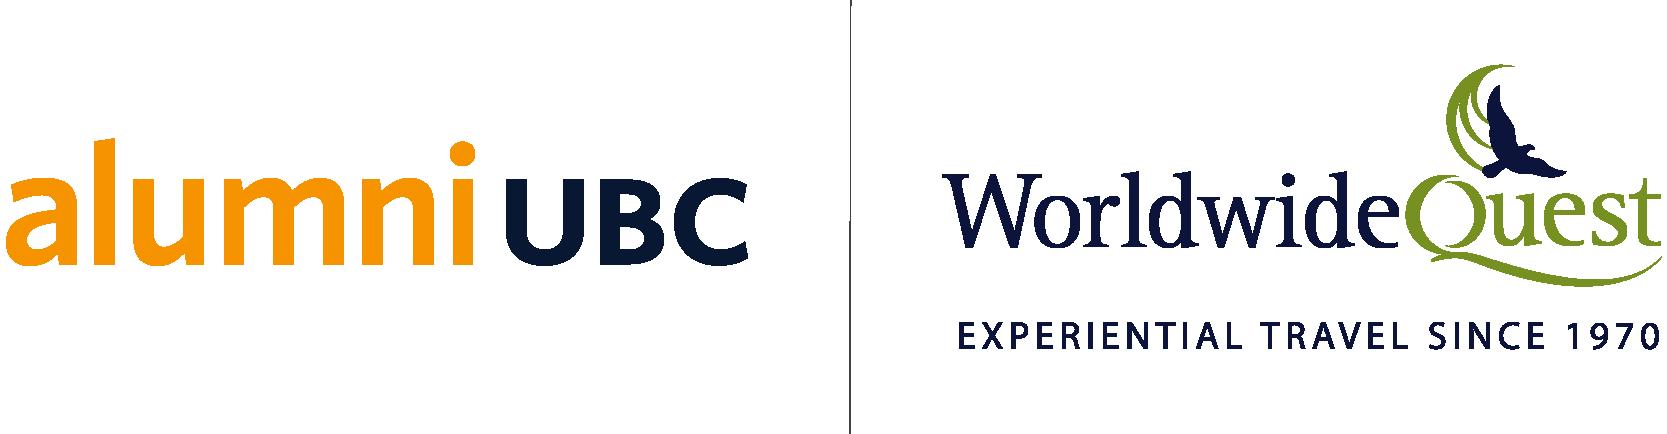 Worldwide Quest and alumni UBC